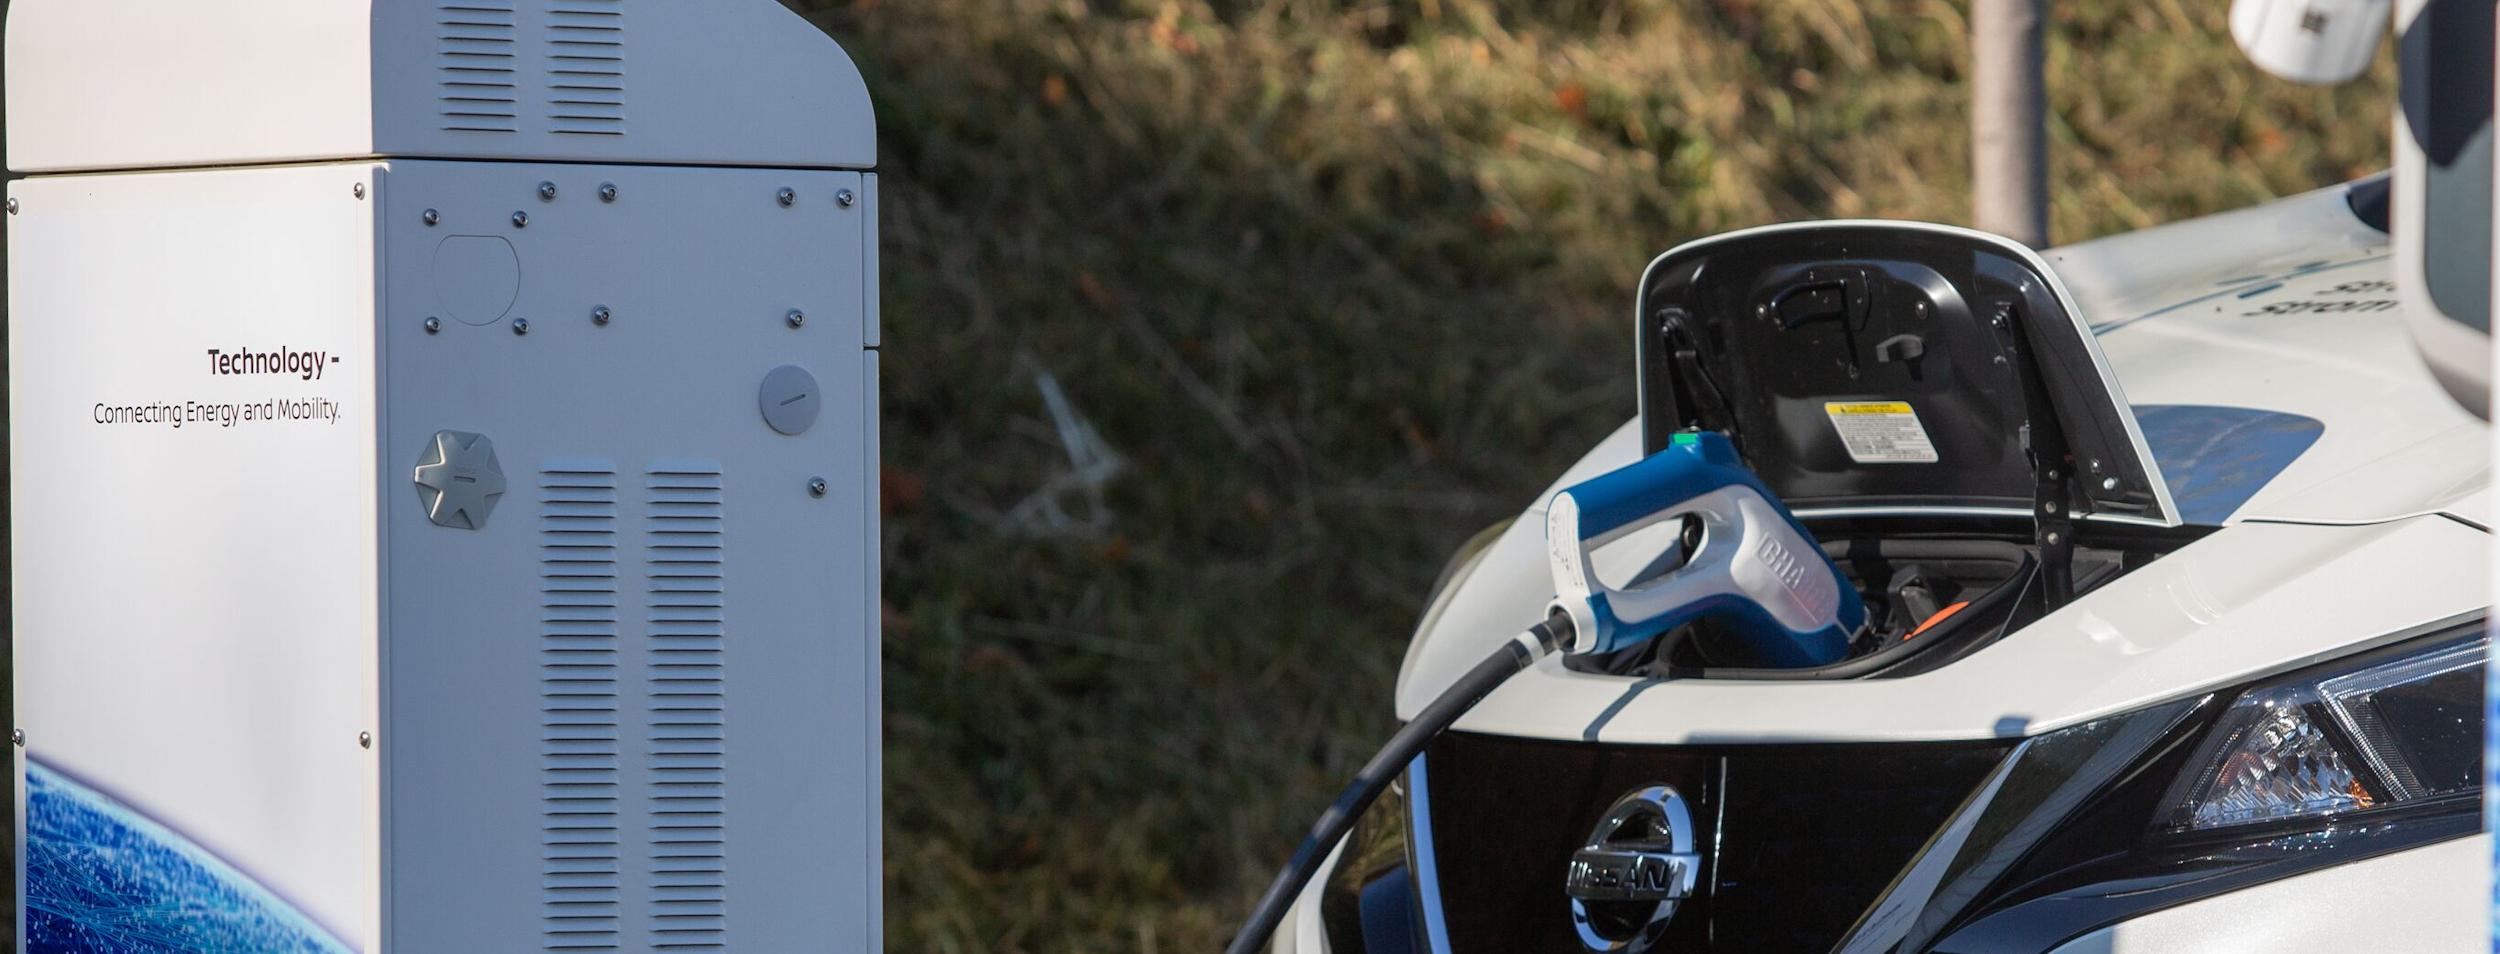 E-Autos stabilisieren deutsches Stromnetz – Vehicle-to-Grid (V2G)